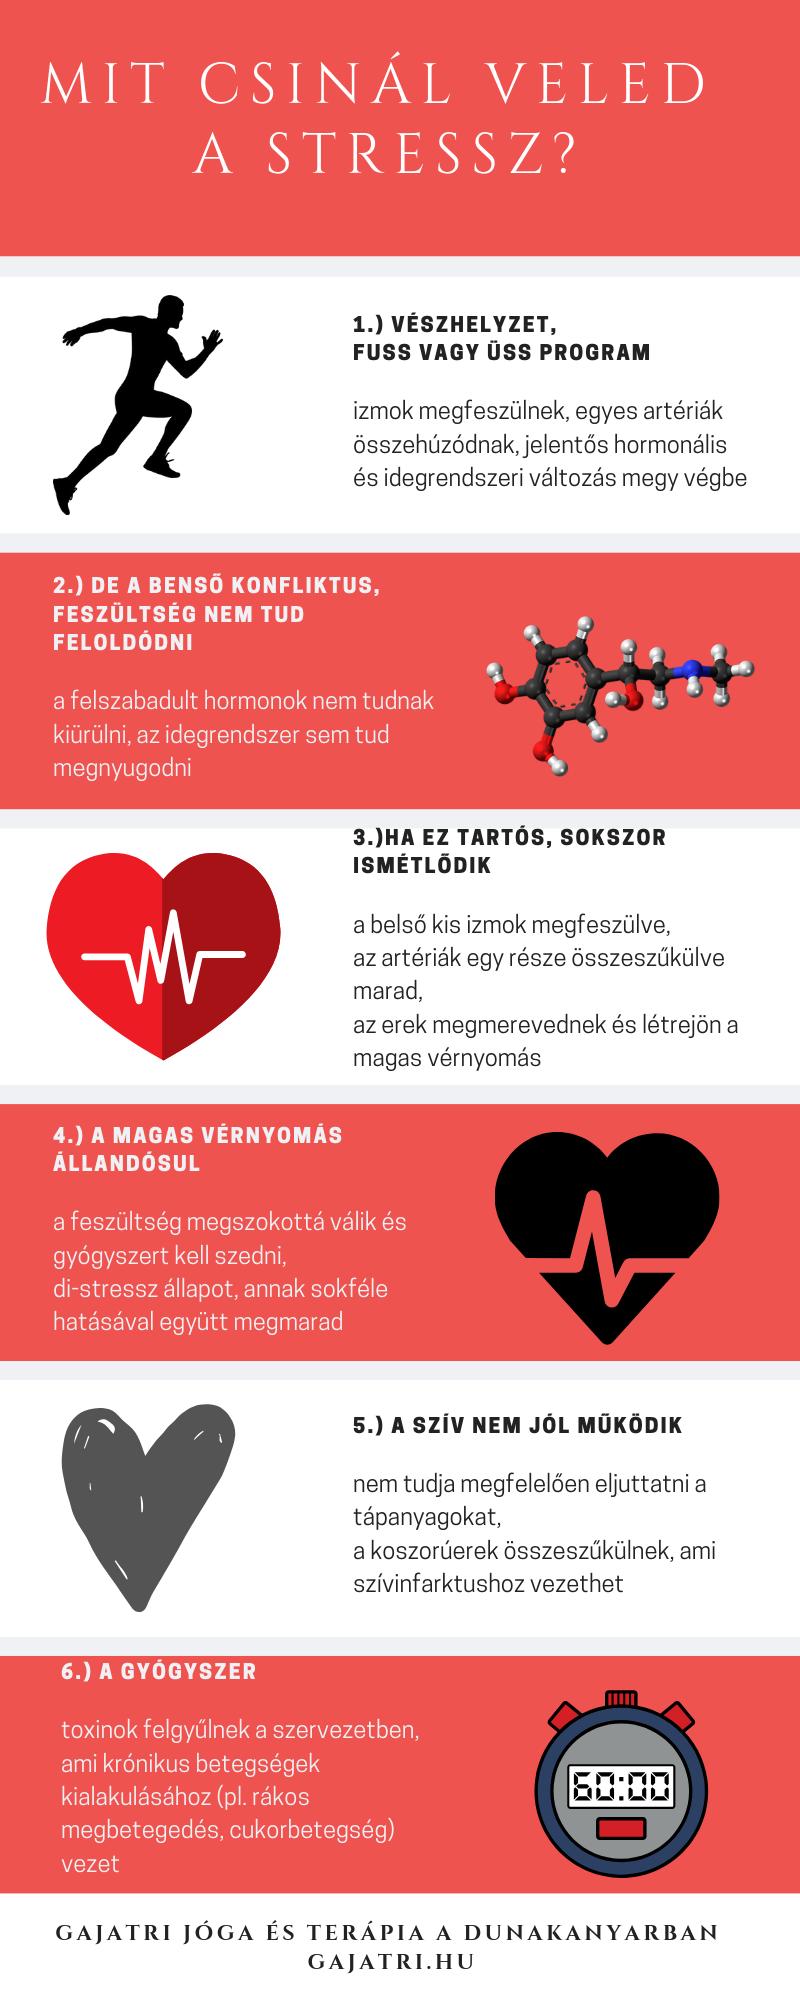 diéta magas vérnyomás és stroke miatt hogyan lehet lefogyni és megszabadulni a magas vérnyomástól